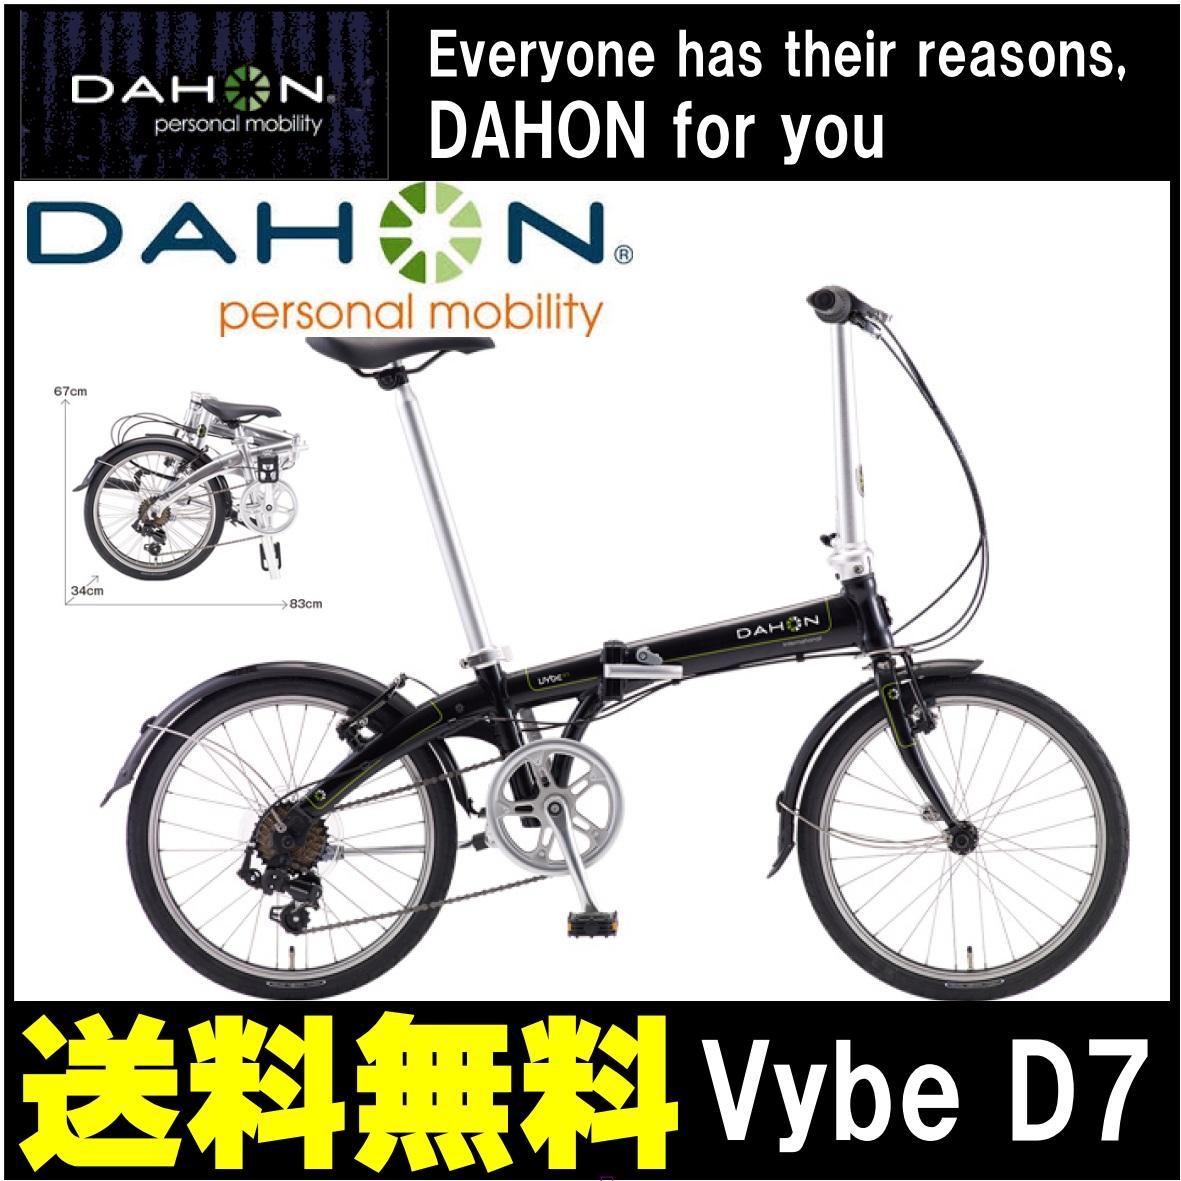 配送先一都三県一部地域限定送料無料 折りたたみ自転車 DAHON Vybe D7 ダホン 自転車 オブシディアンブラック 黒 20インチ 折りたたみ自転車 外装7段変速ギア Obsidian Black ダホン 折りたたみ自転車 DAHON ヴァイブ D7 おしゃれ